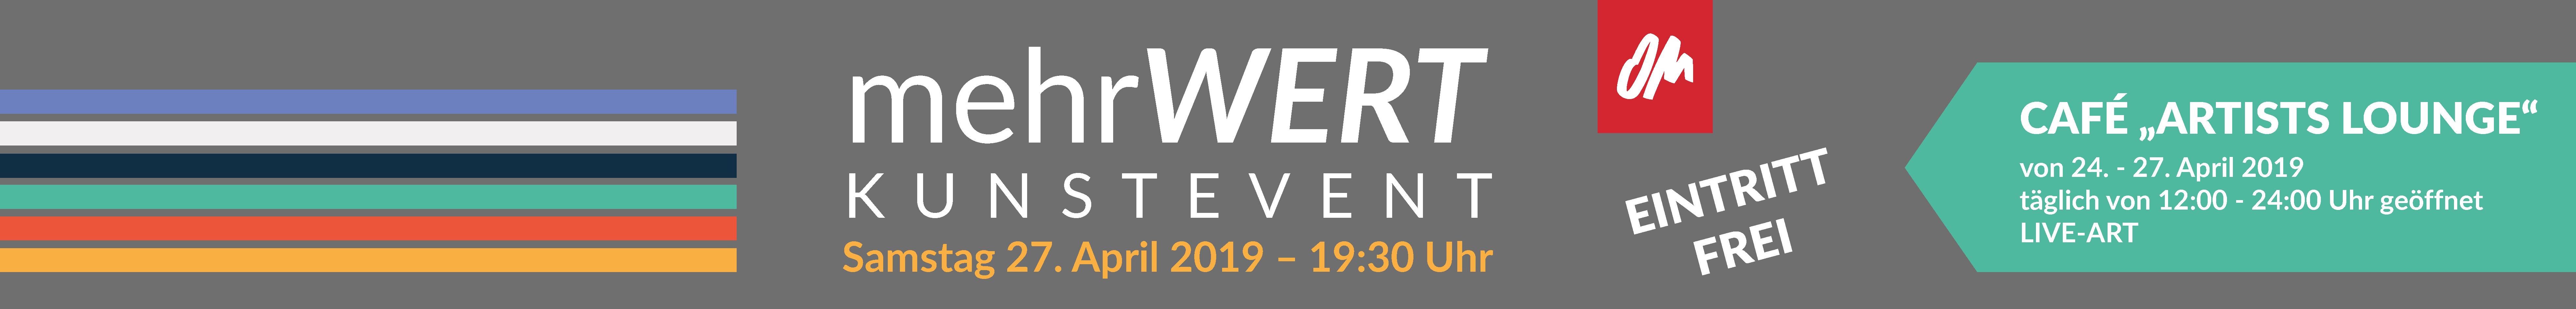 Werbebanner für das Kunstevent Mehrwert am 27. April 2019